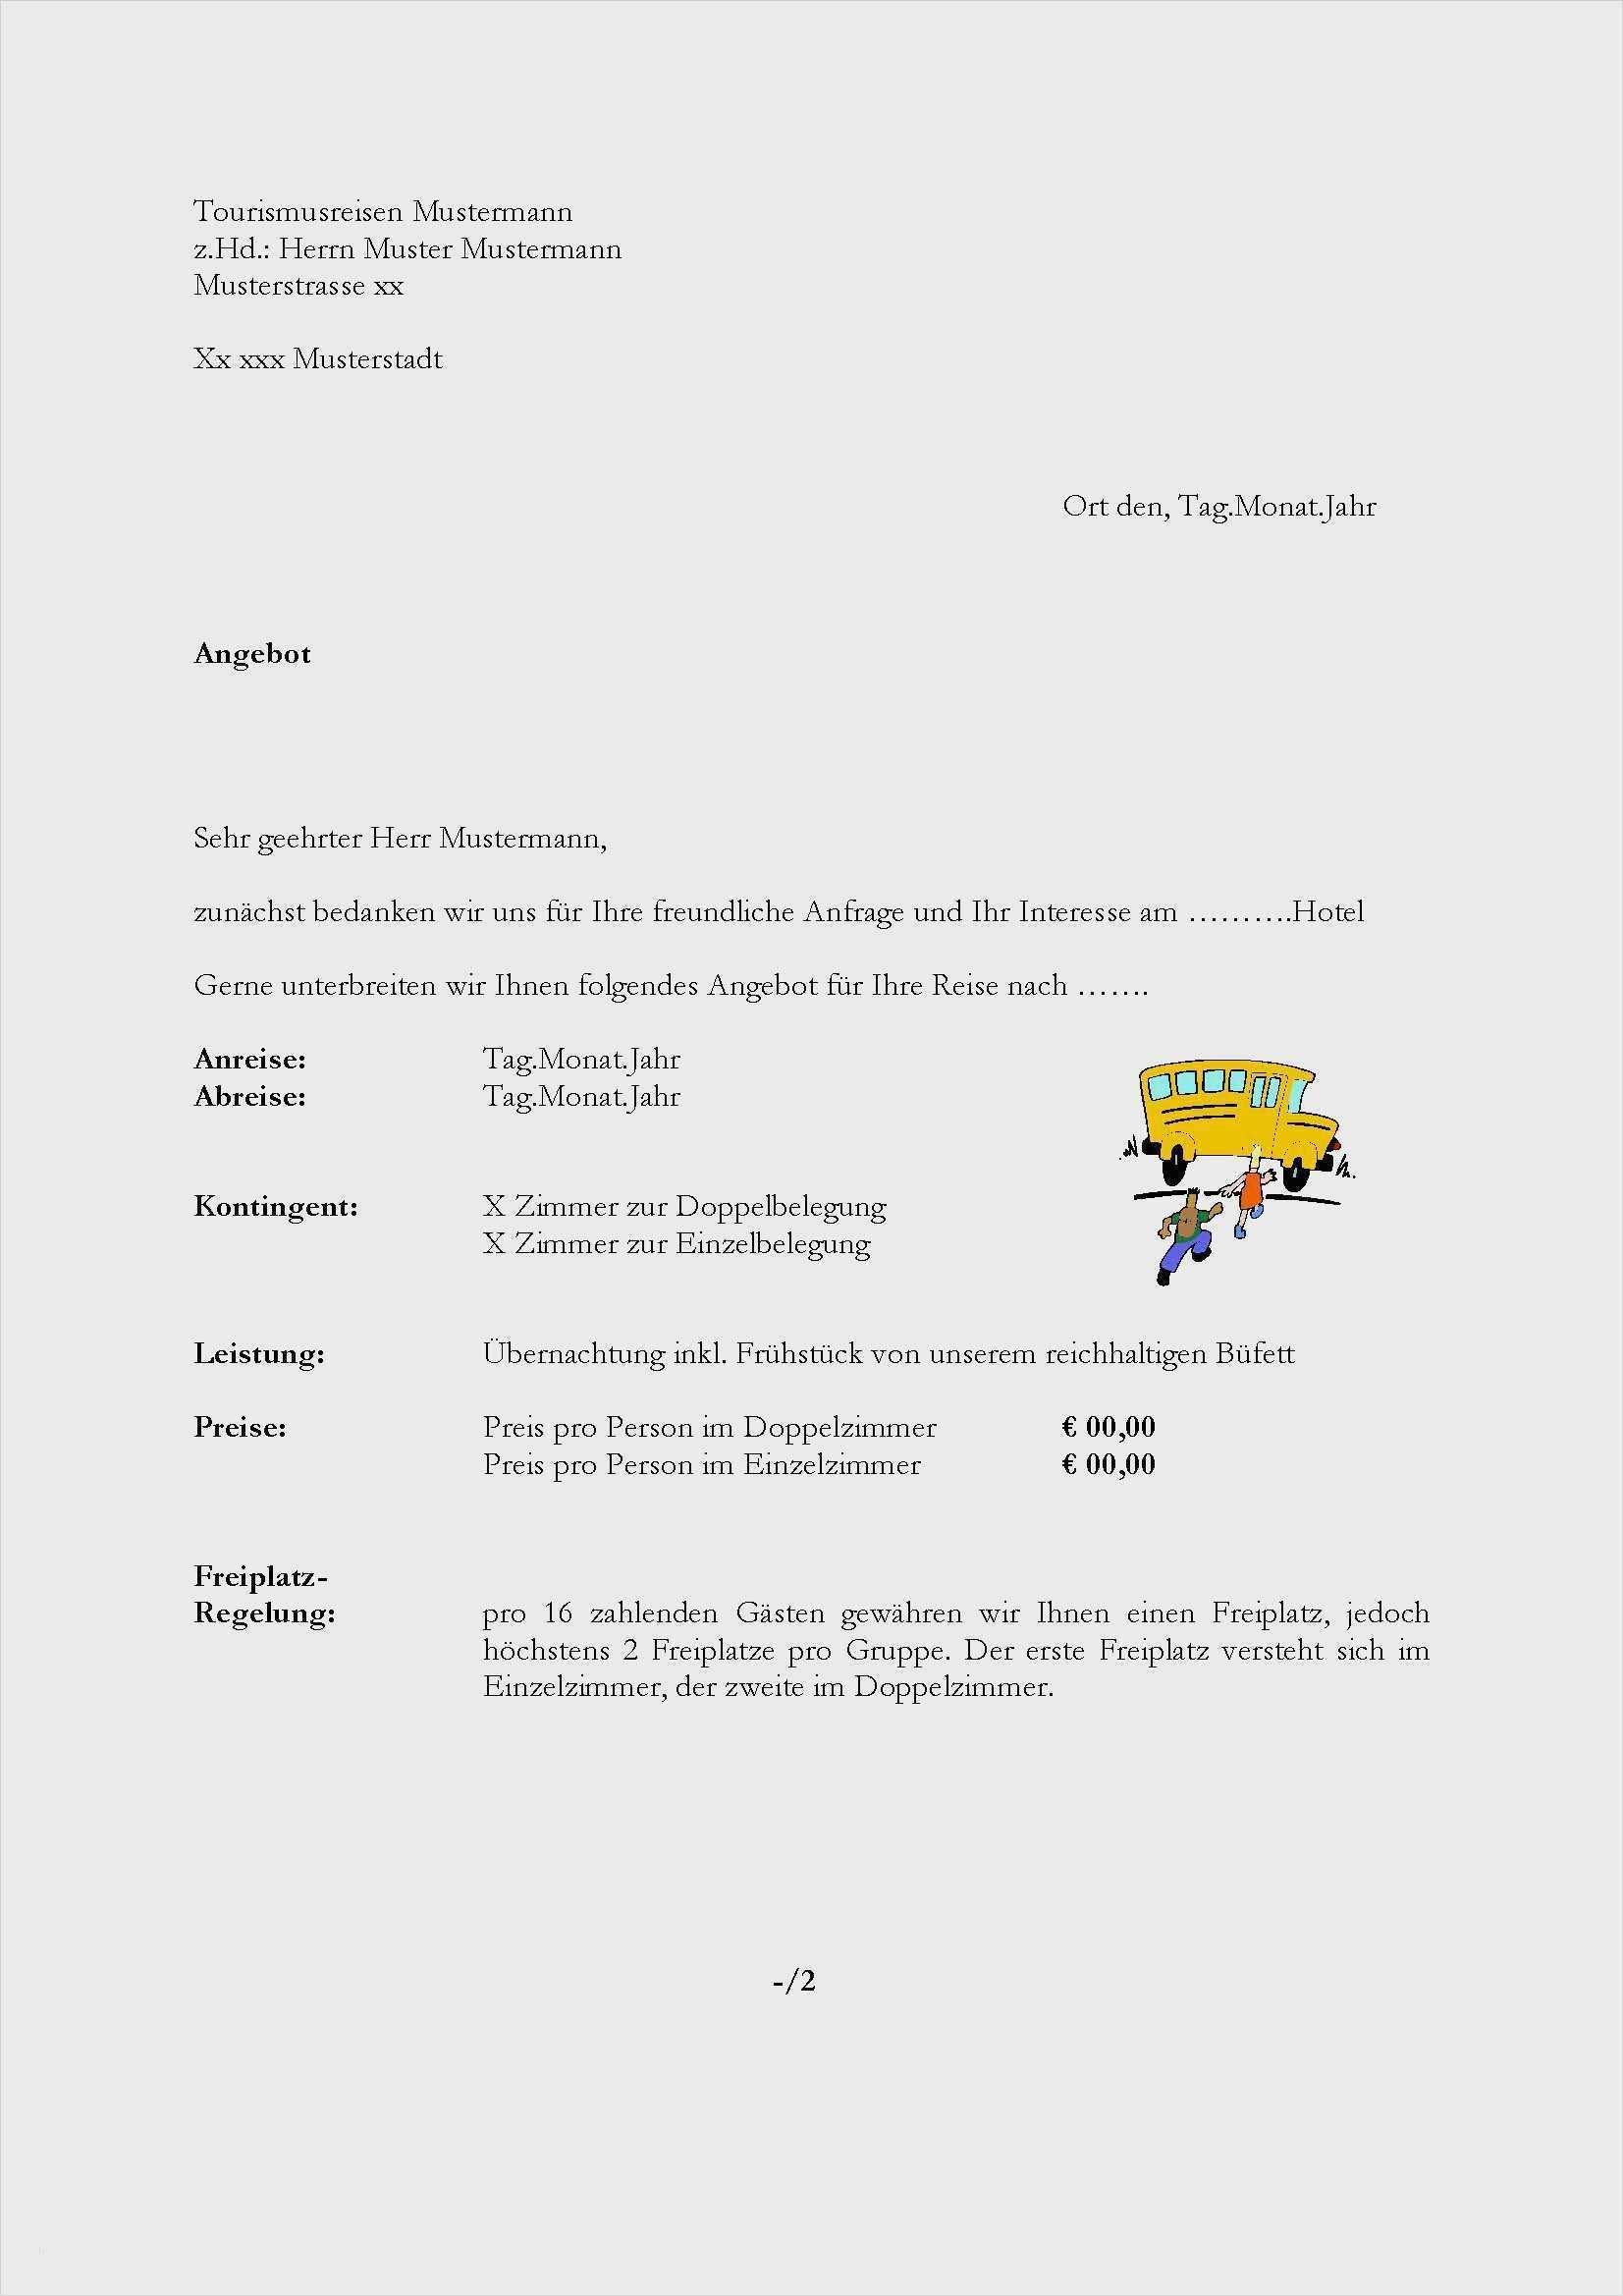 Bewundernswert Stornierungsbestatigung Hotel Vorlage Praktisch Jene Konnen Einstellen Fur Ihr Briefvorlagen Angebotsschreiben Vorlagen